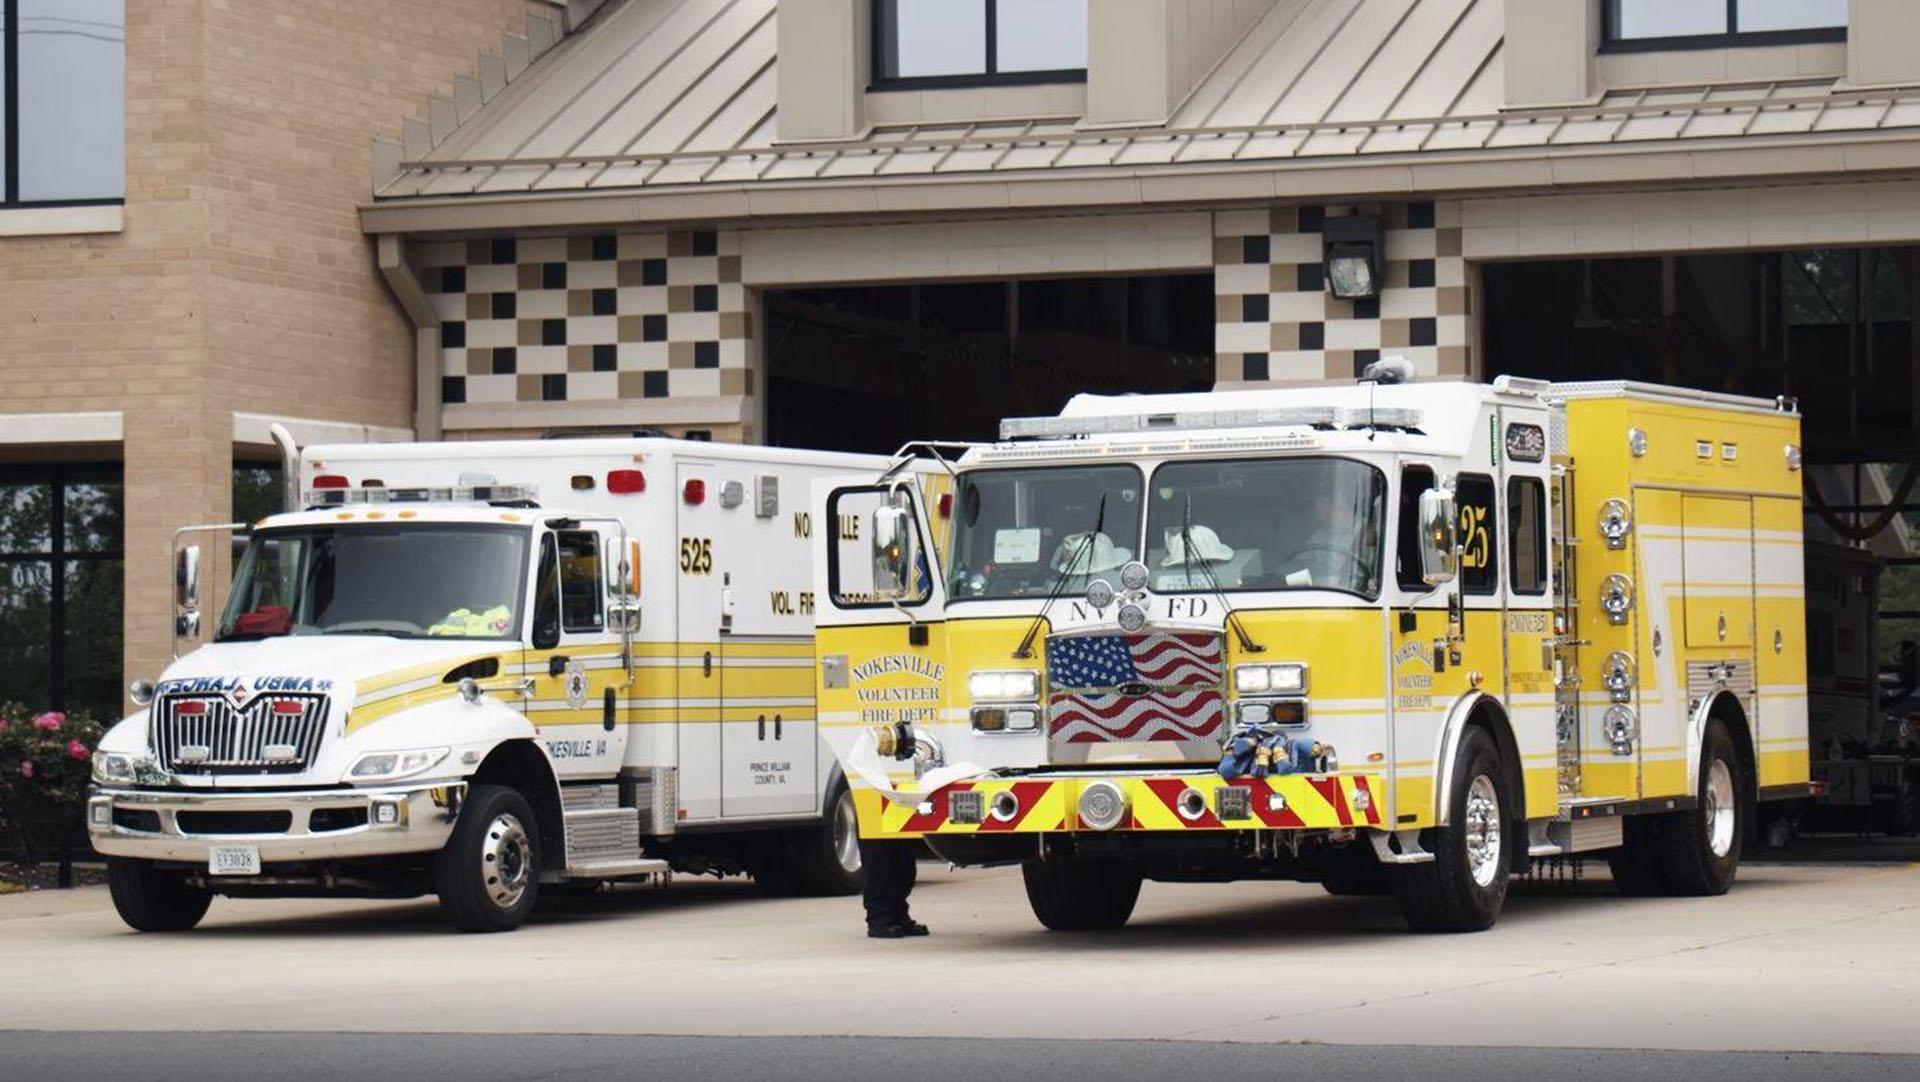 'Neighbors helping out neighbors': Volunteer fire departments aid in emergencies